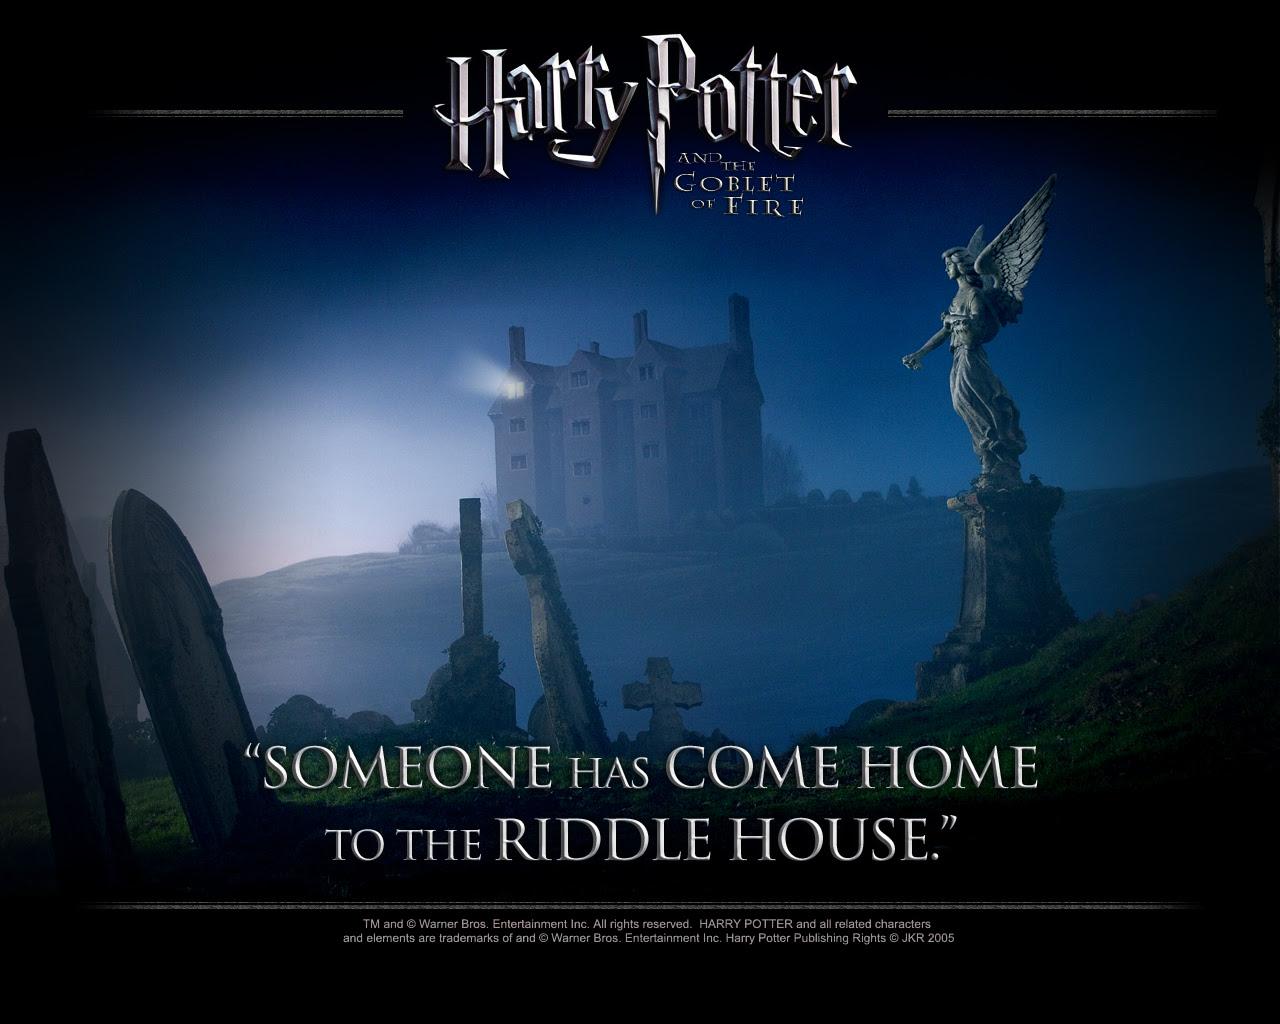 映画壁紙 無料ダウンロード ハリー ポッターと炎のゴブレット